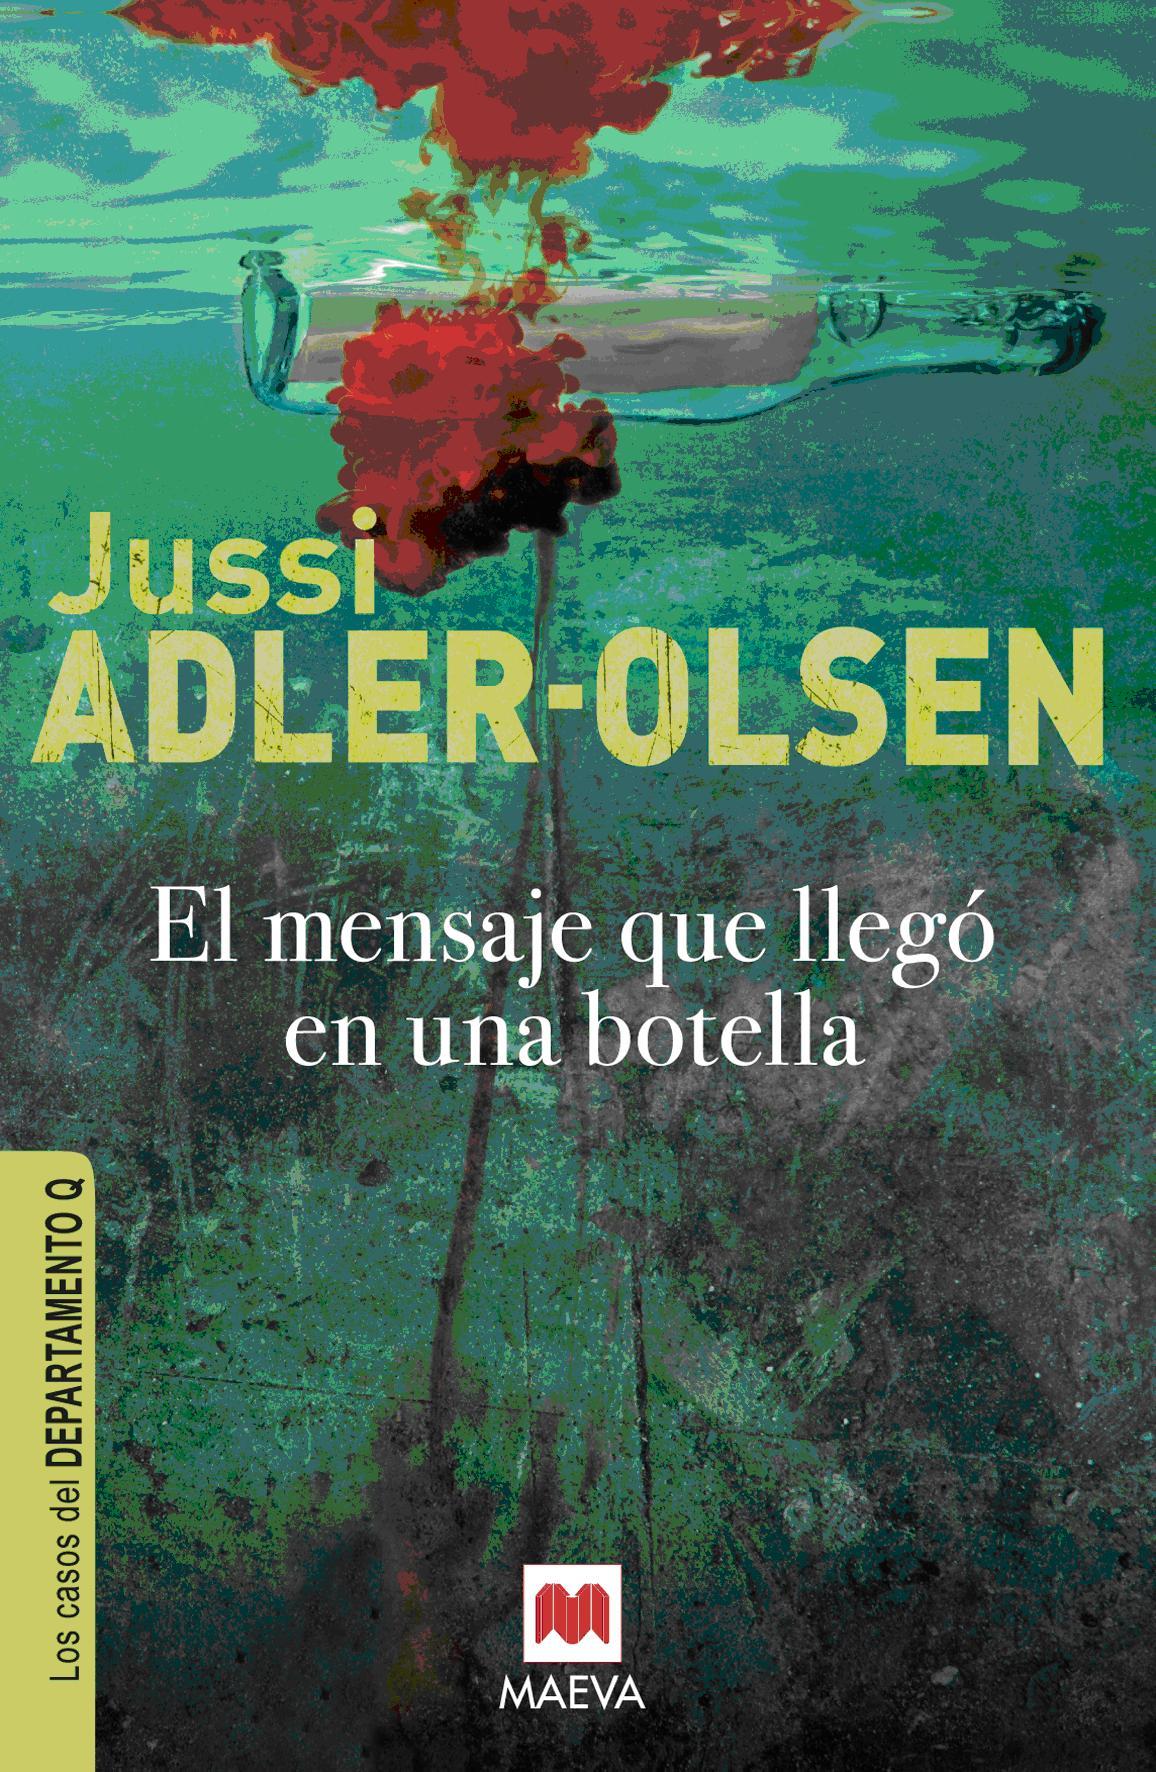 Las 25 novelas más prestadas durante el 2014 de la Biblioteca La Bòbila (L'Hospitalet, Barcelona) Botella